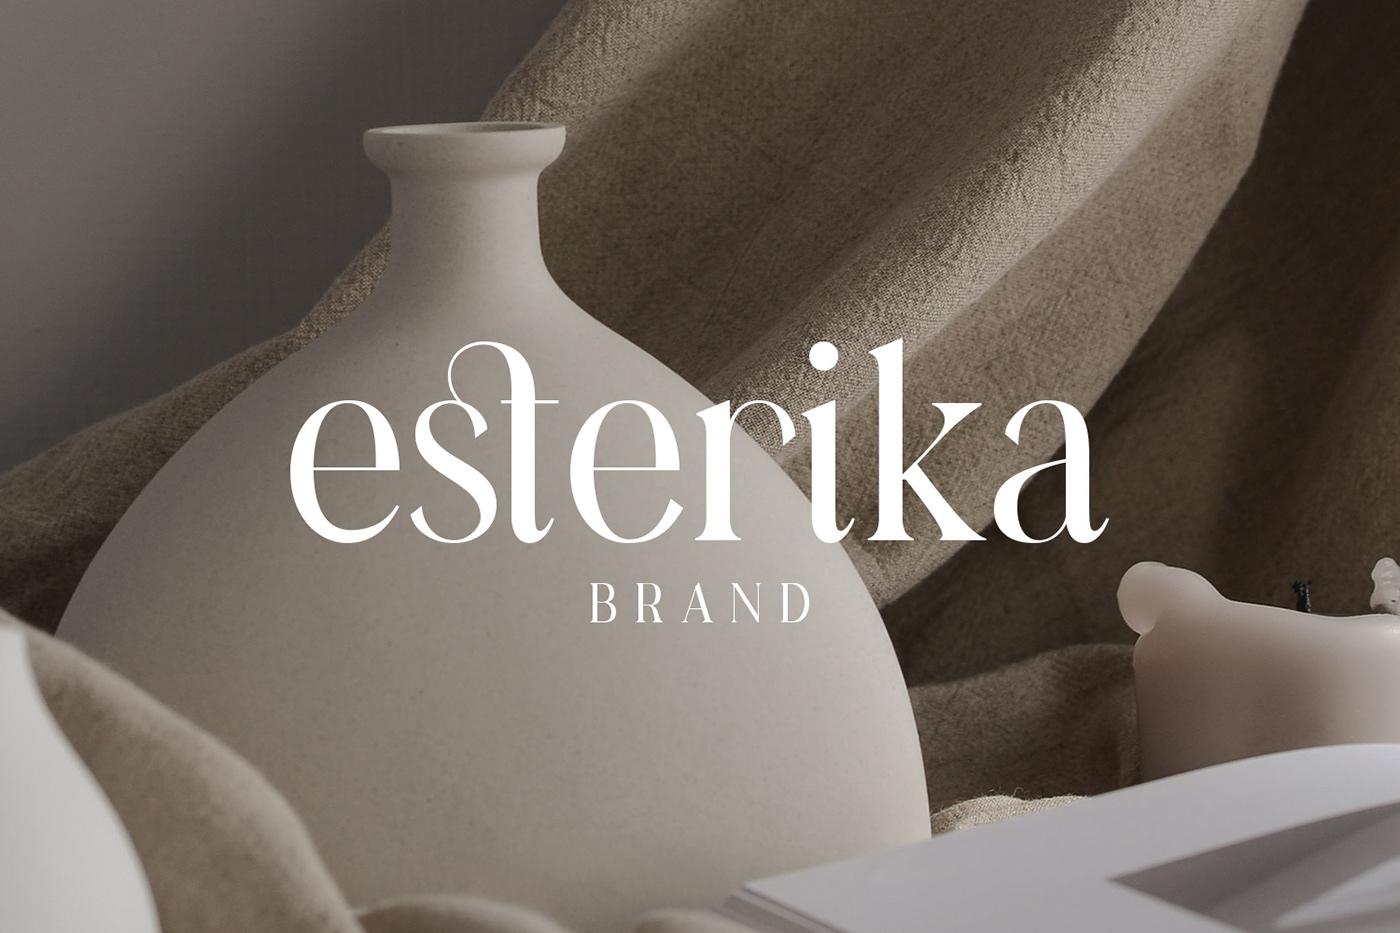 现代时尚连字海报标题徽标Logo设计衬线英文字体素材 Casanova Serif Display Font插图6